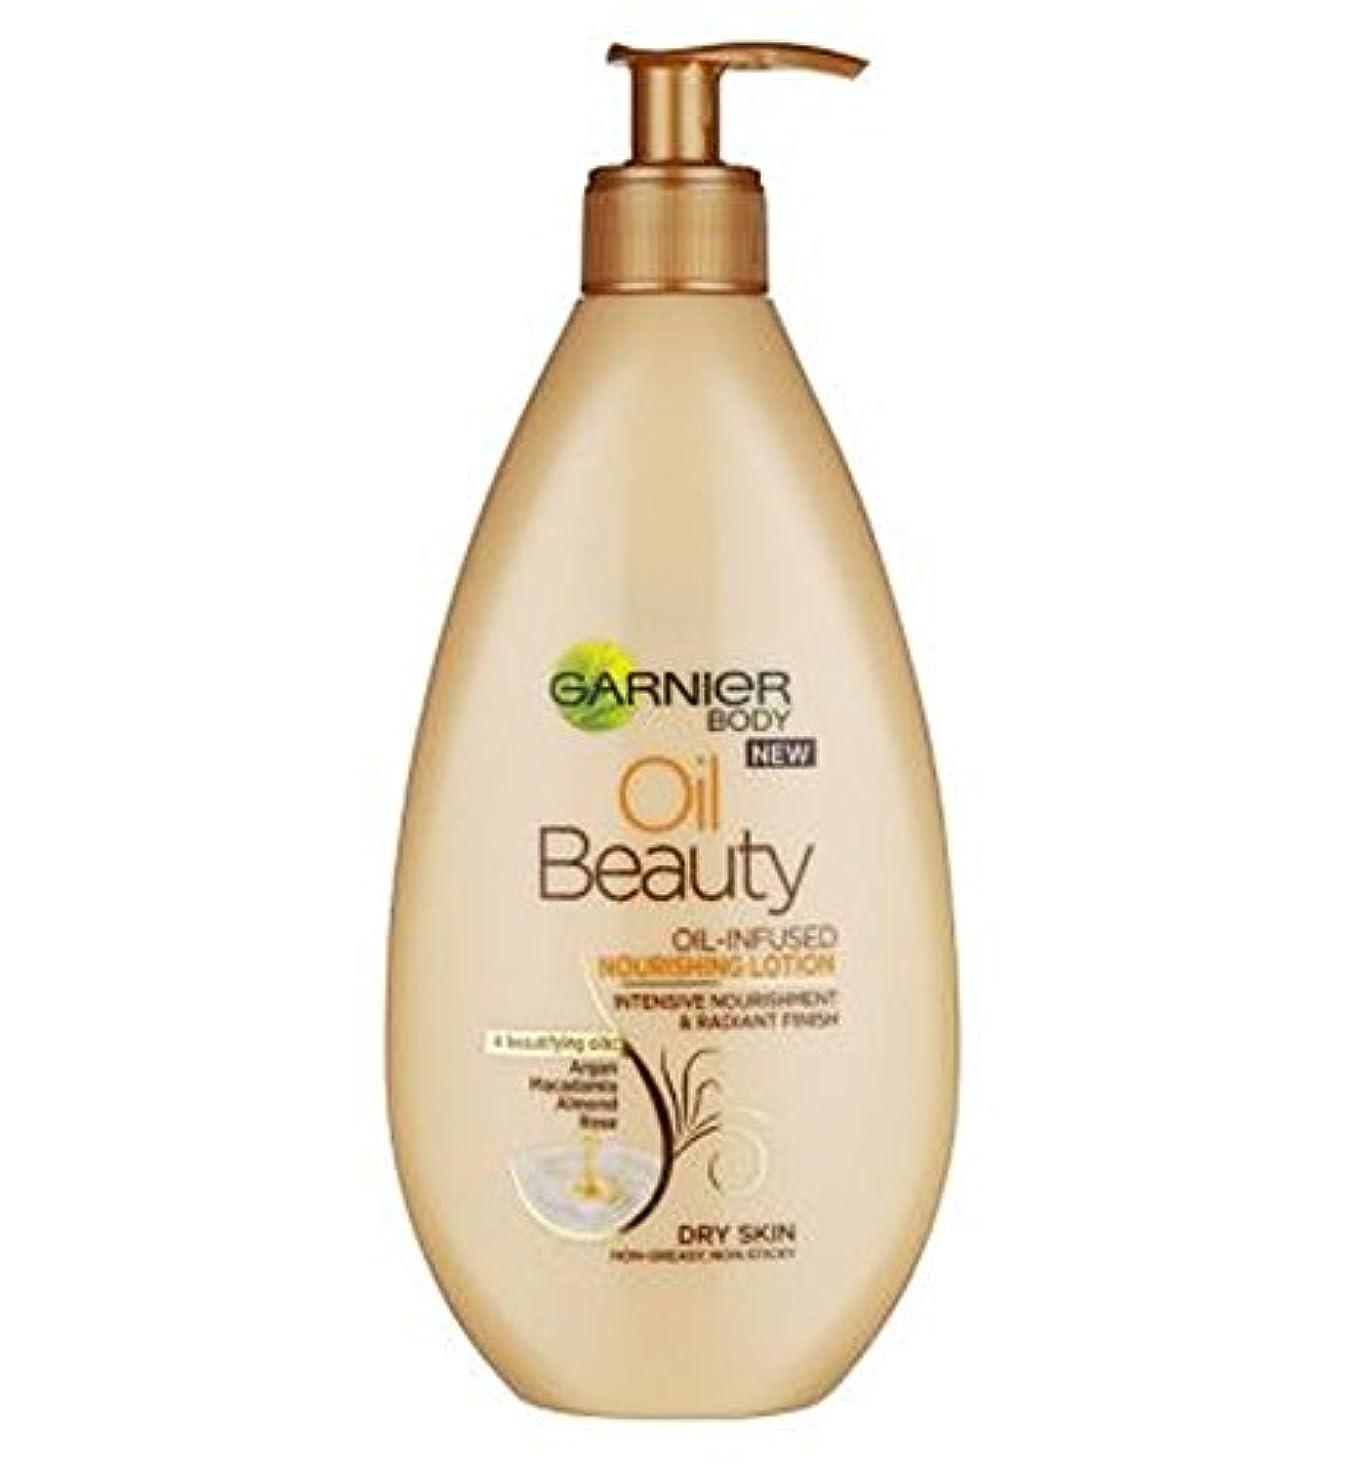 動詞ノイズ省略するGarnier Ultimate Beauty Oil 400ml - ガルニエ究極の美容オイル400ミリリットル (Garnier) [並行輸入品]